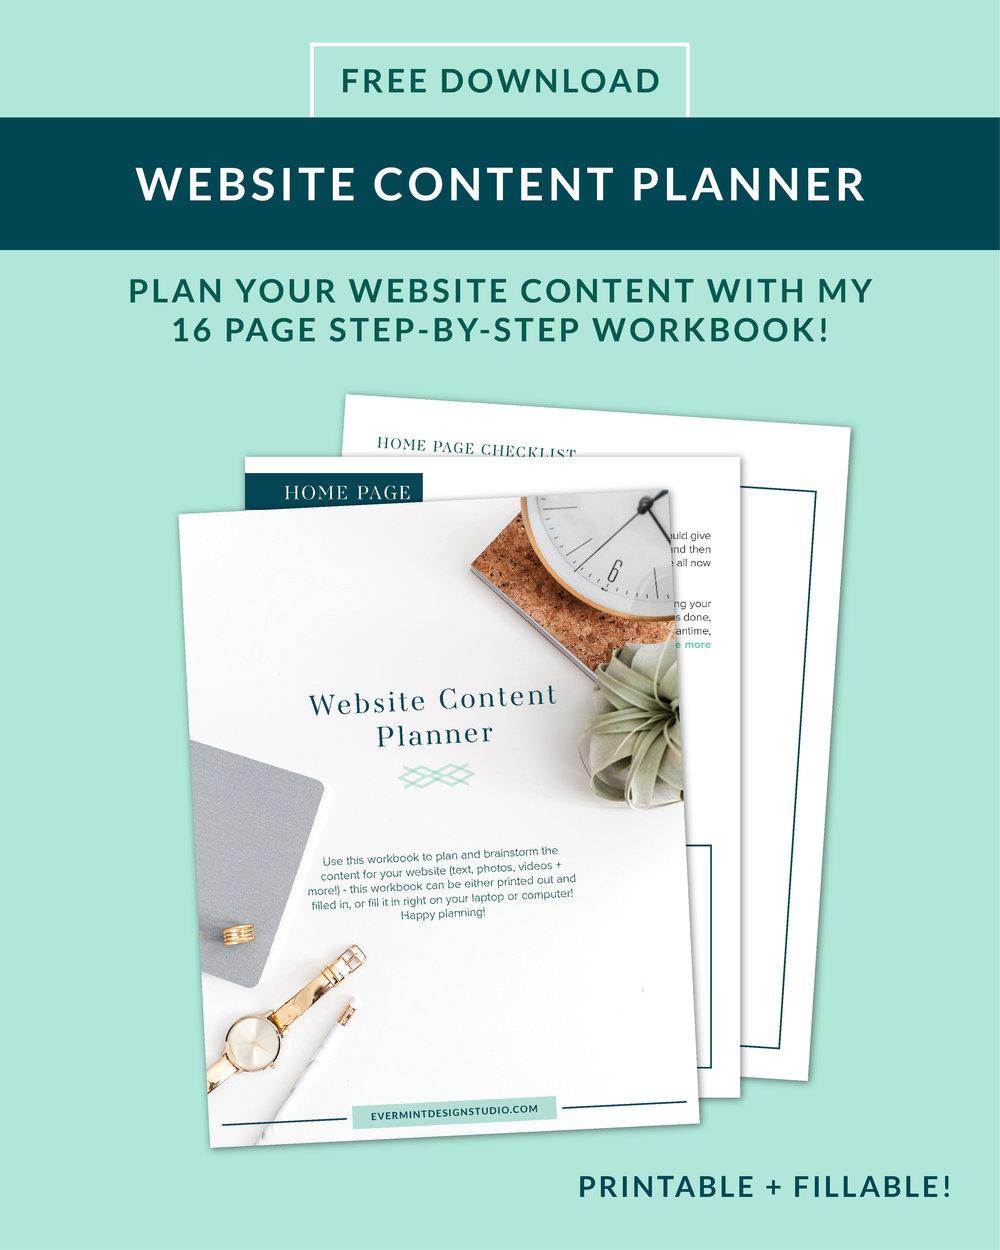 Website Content Planner Workbook